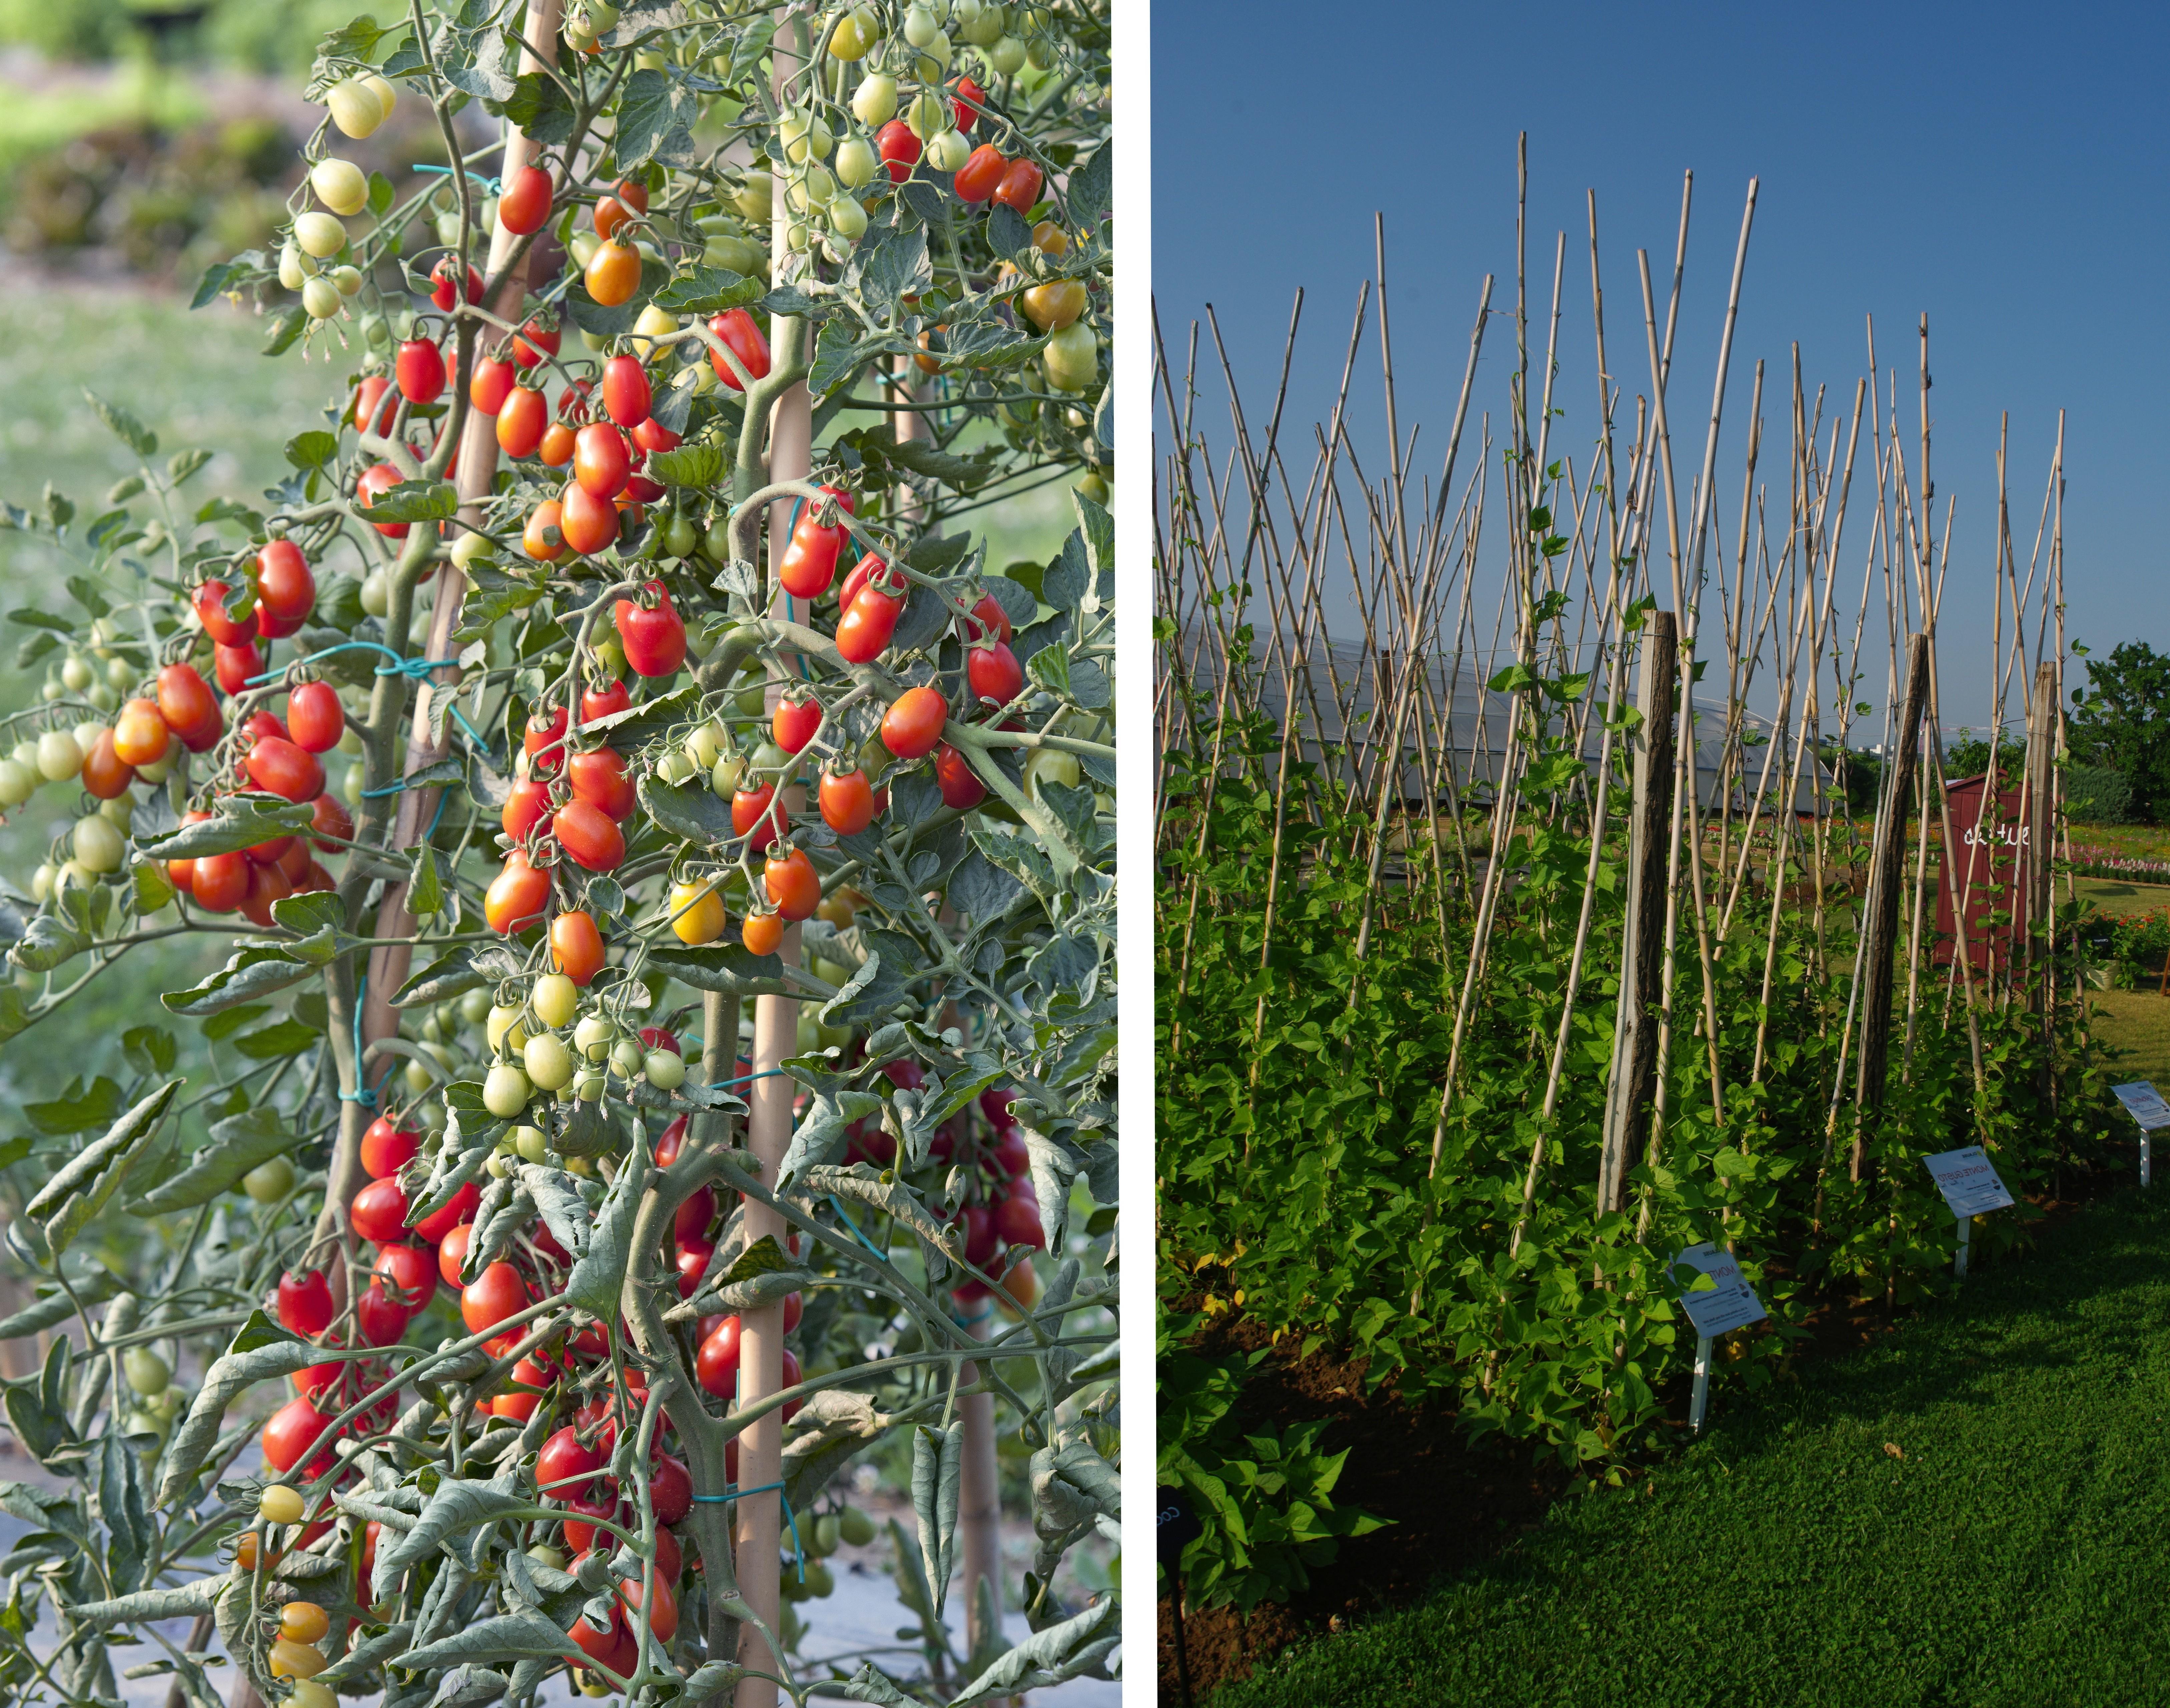 Les Italiens utilisent des cannes pour faire grimper les tomates © HM. Clause Les haricots grimpent aussi pour soulager les reins des jardiniers et dissimuler des espaces inesthétiques - © HM. Clause